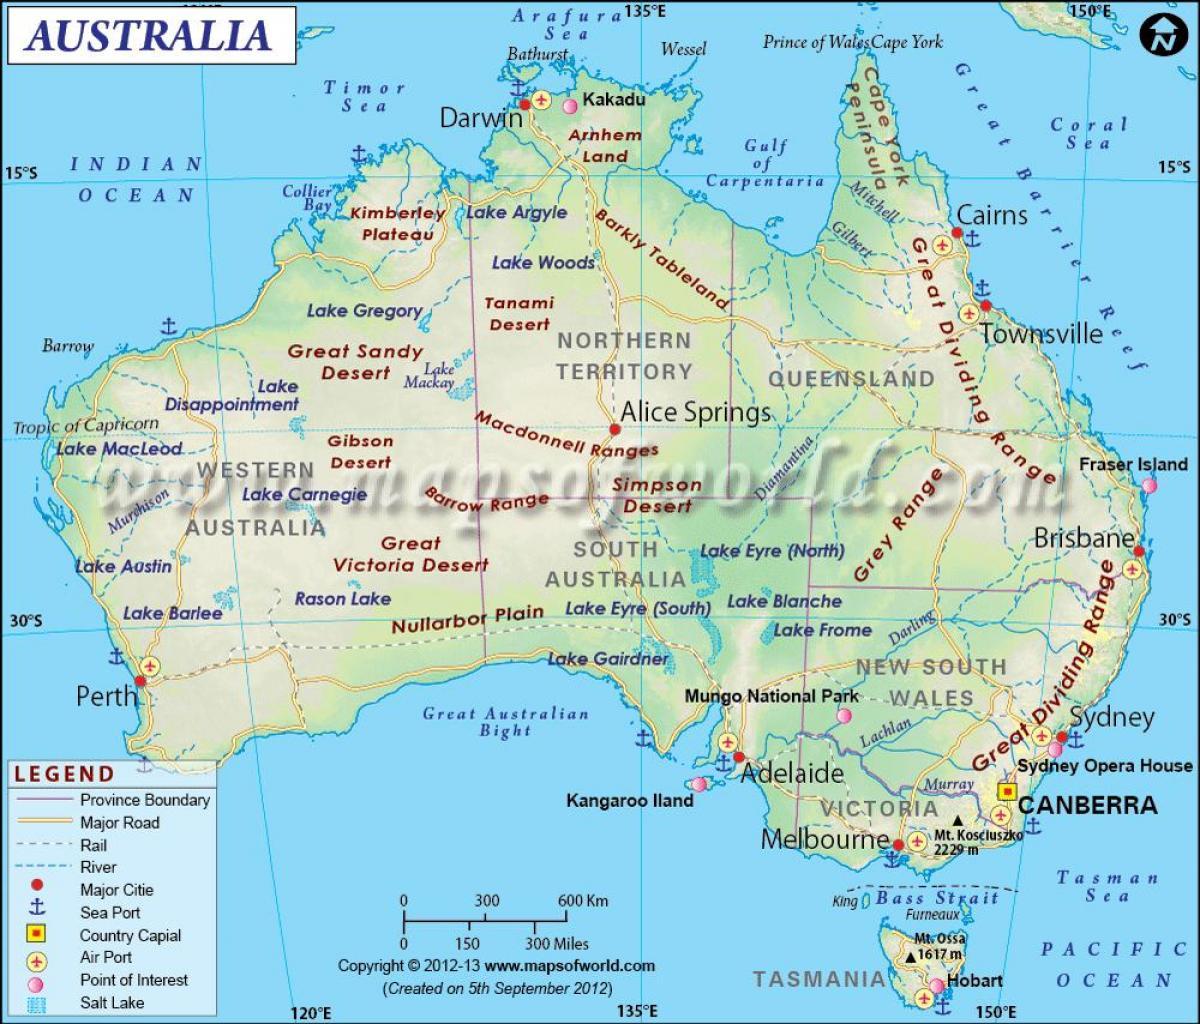 Australien Karta Lander.Australien Inkomst Karta Karta Over Australien Med Versaler